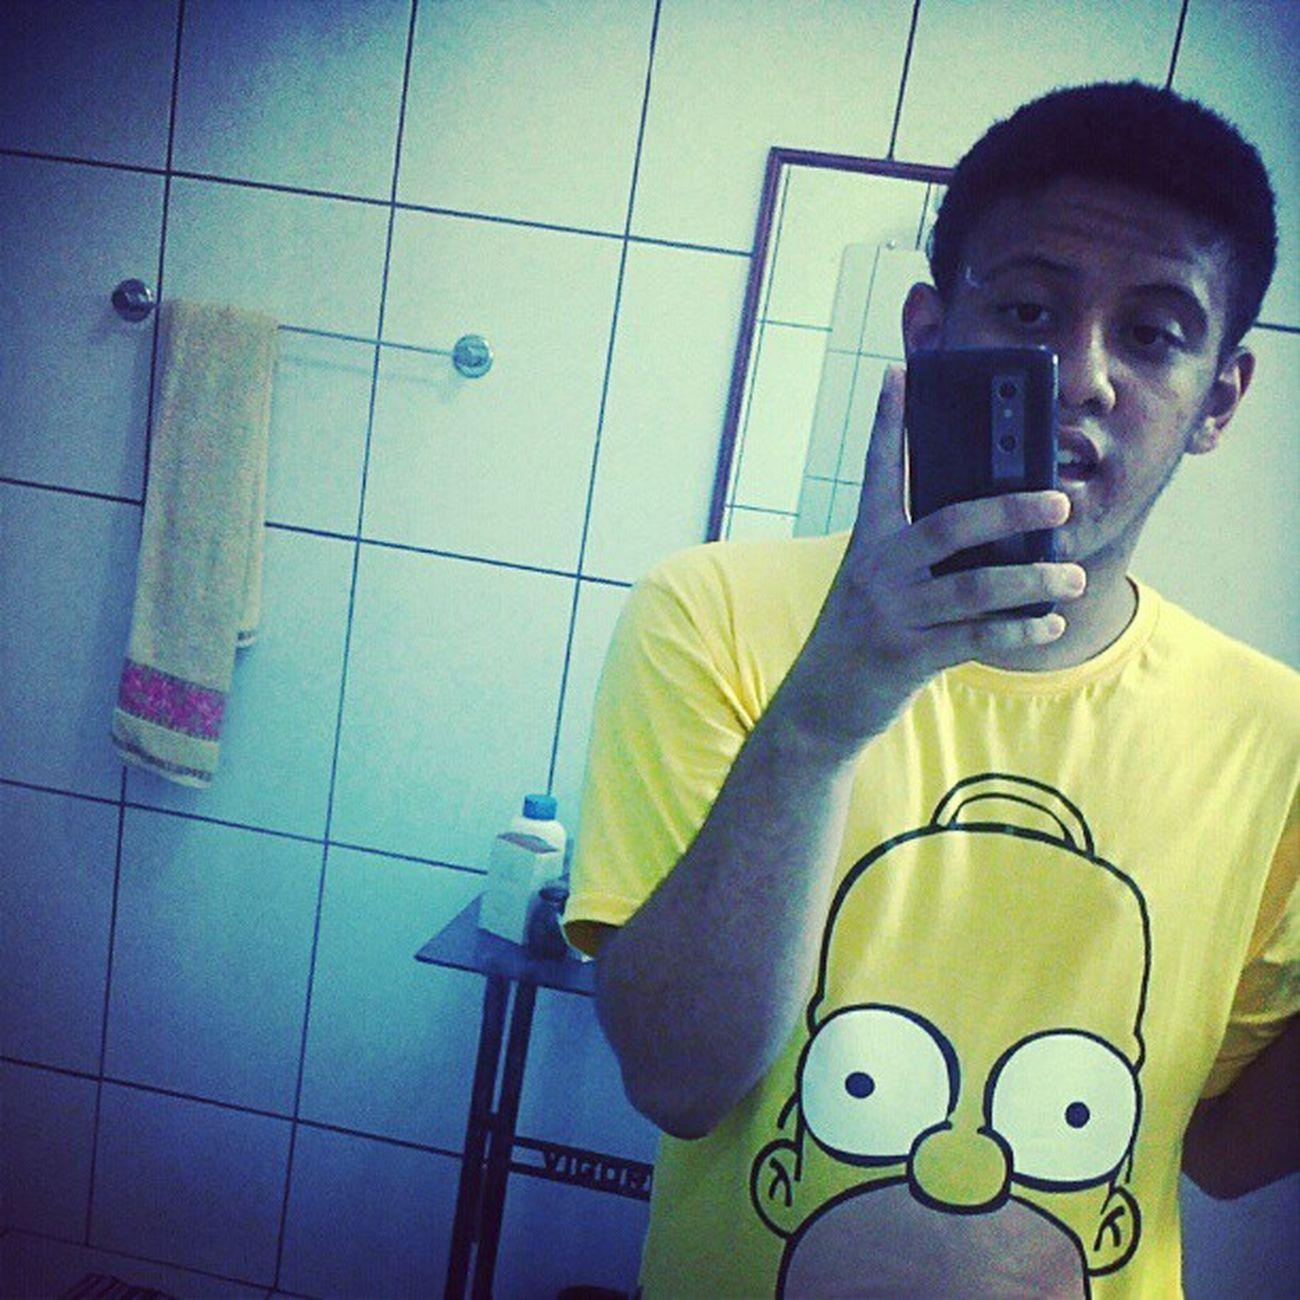 Homer Partiu Rua Litlemonster instapic